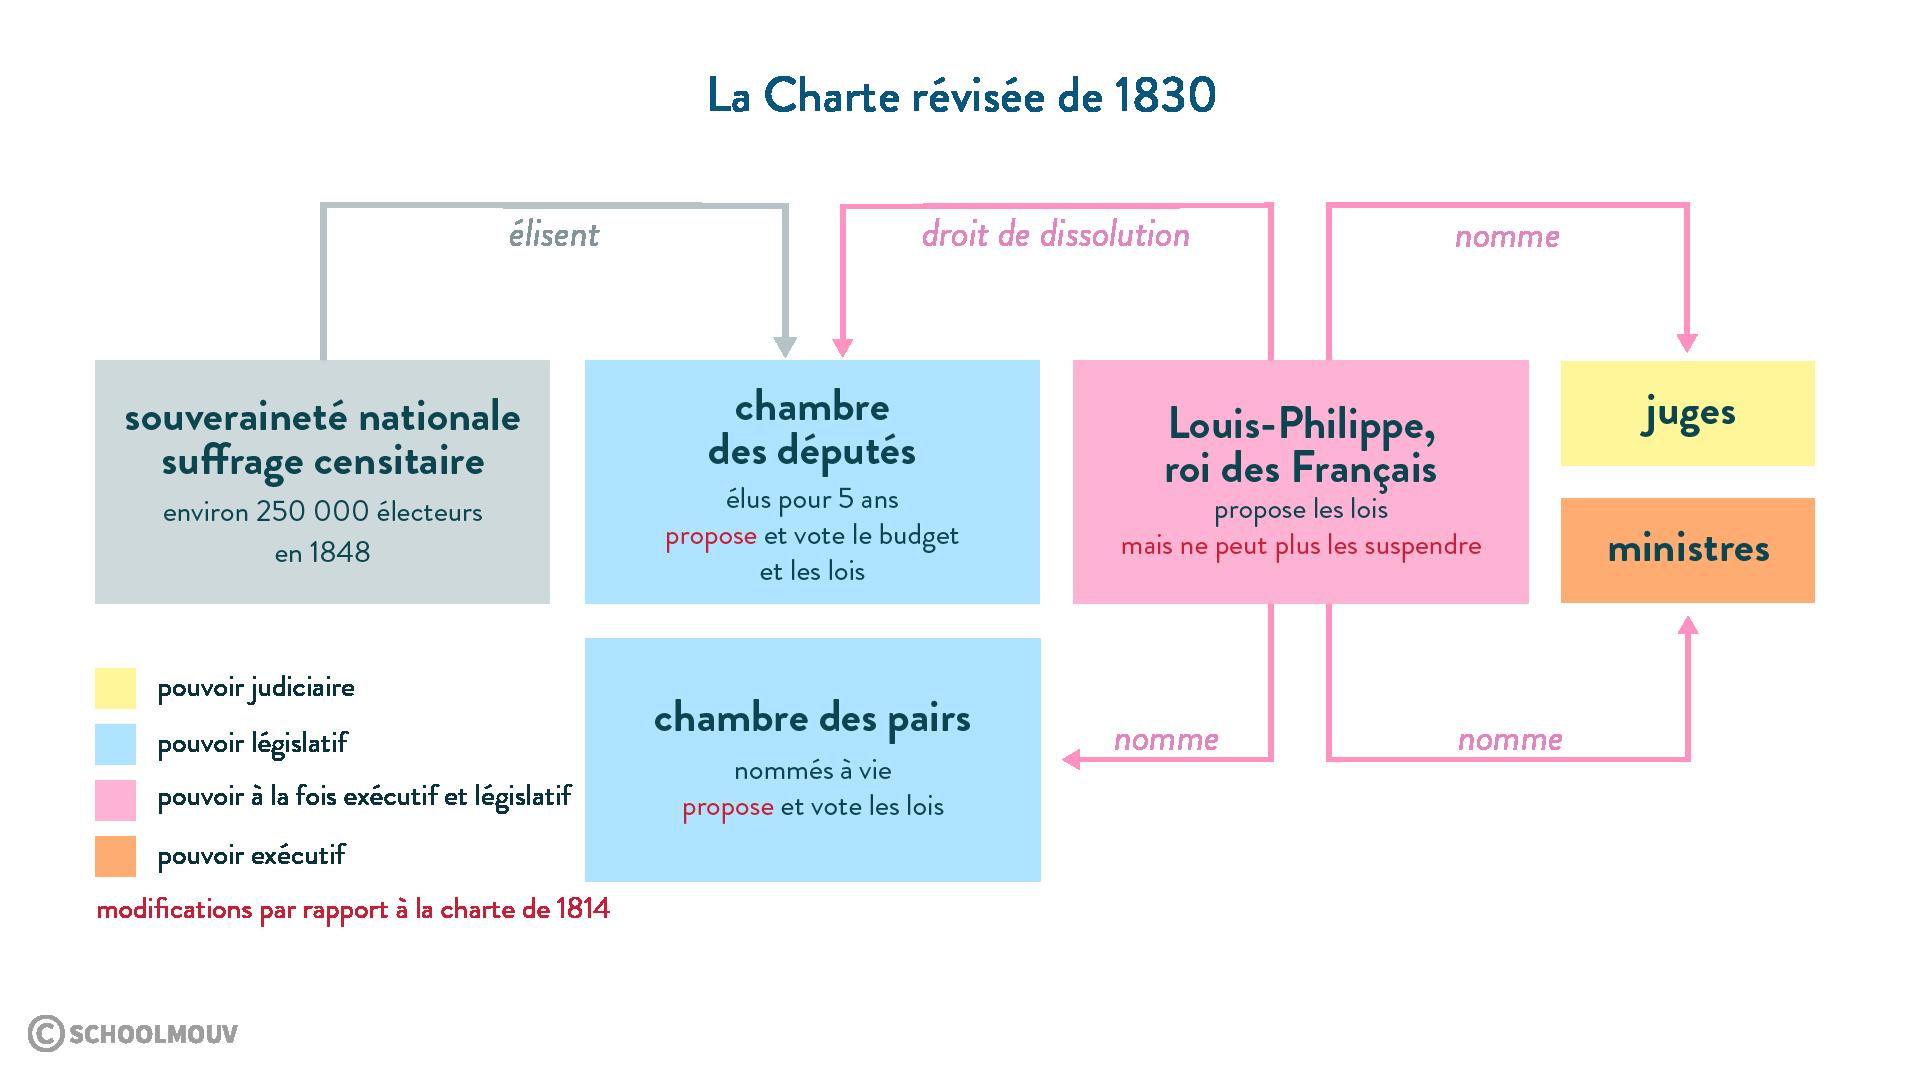 La Charte révisée de1830 - Histoire - 1re - SchoolMouv